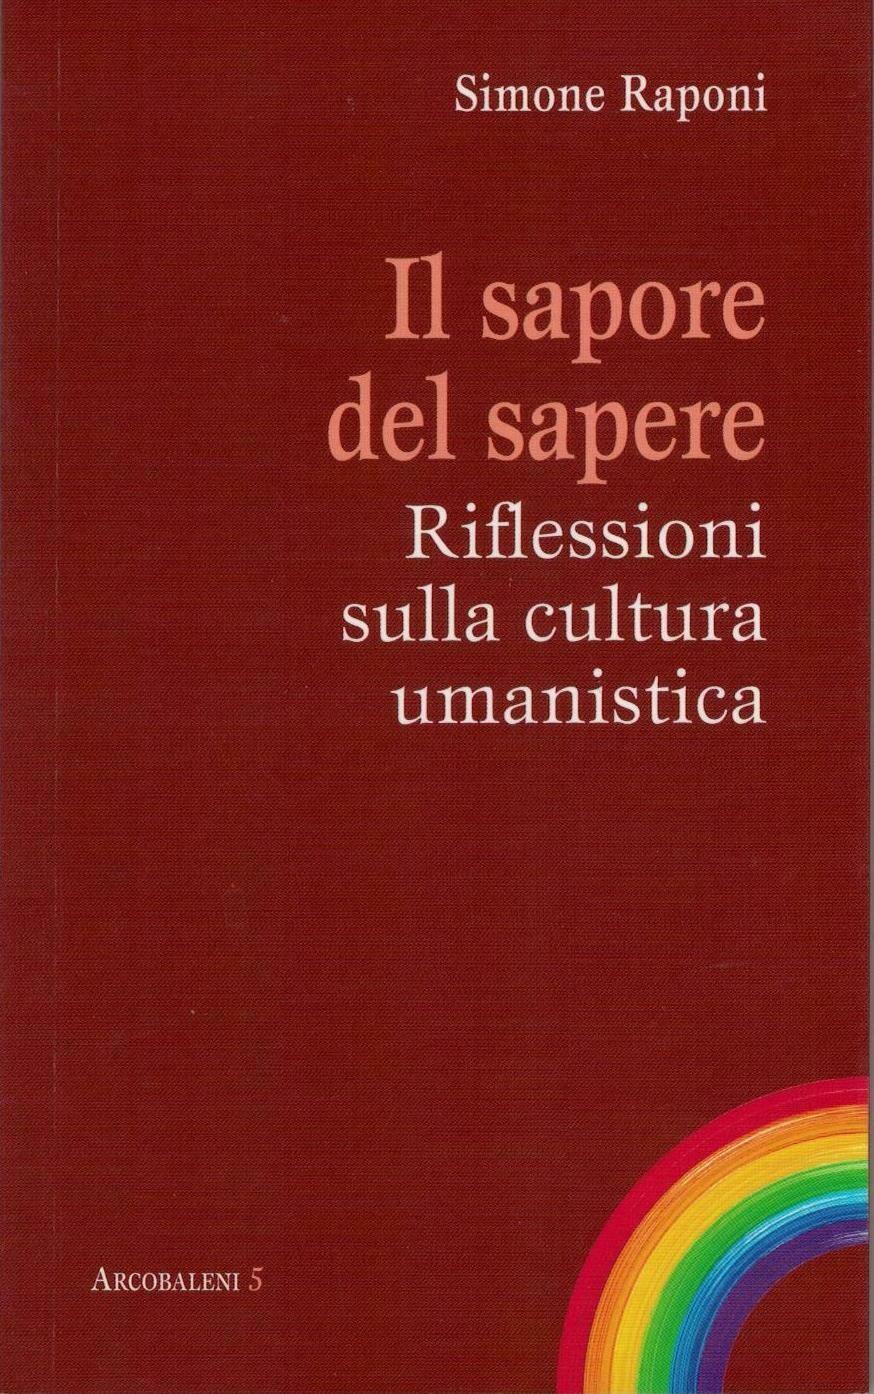 Il sapore del sapere - Riflessioni sulla cultura umanistica (S. Raponi)